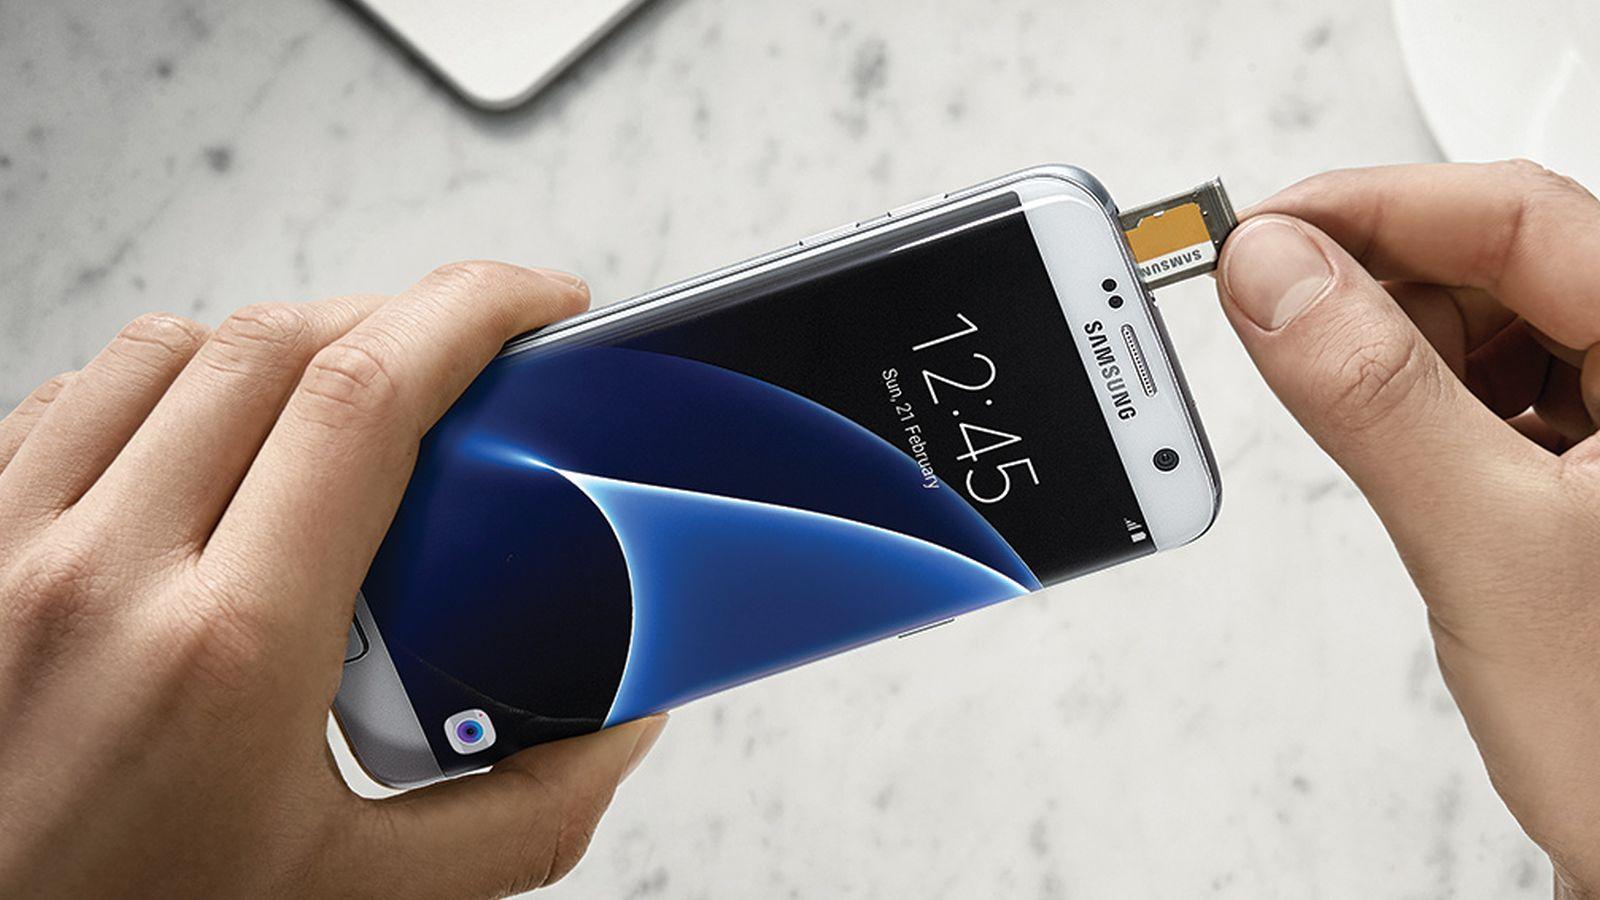 Bộ nhớ 64GB sẽ giúp Galaxy Note 7 đánh bại iPhone 7 7